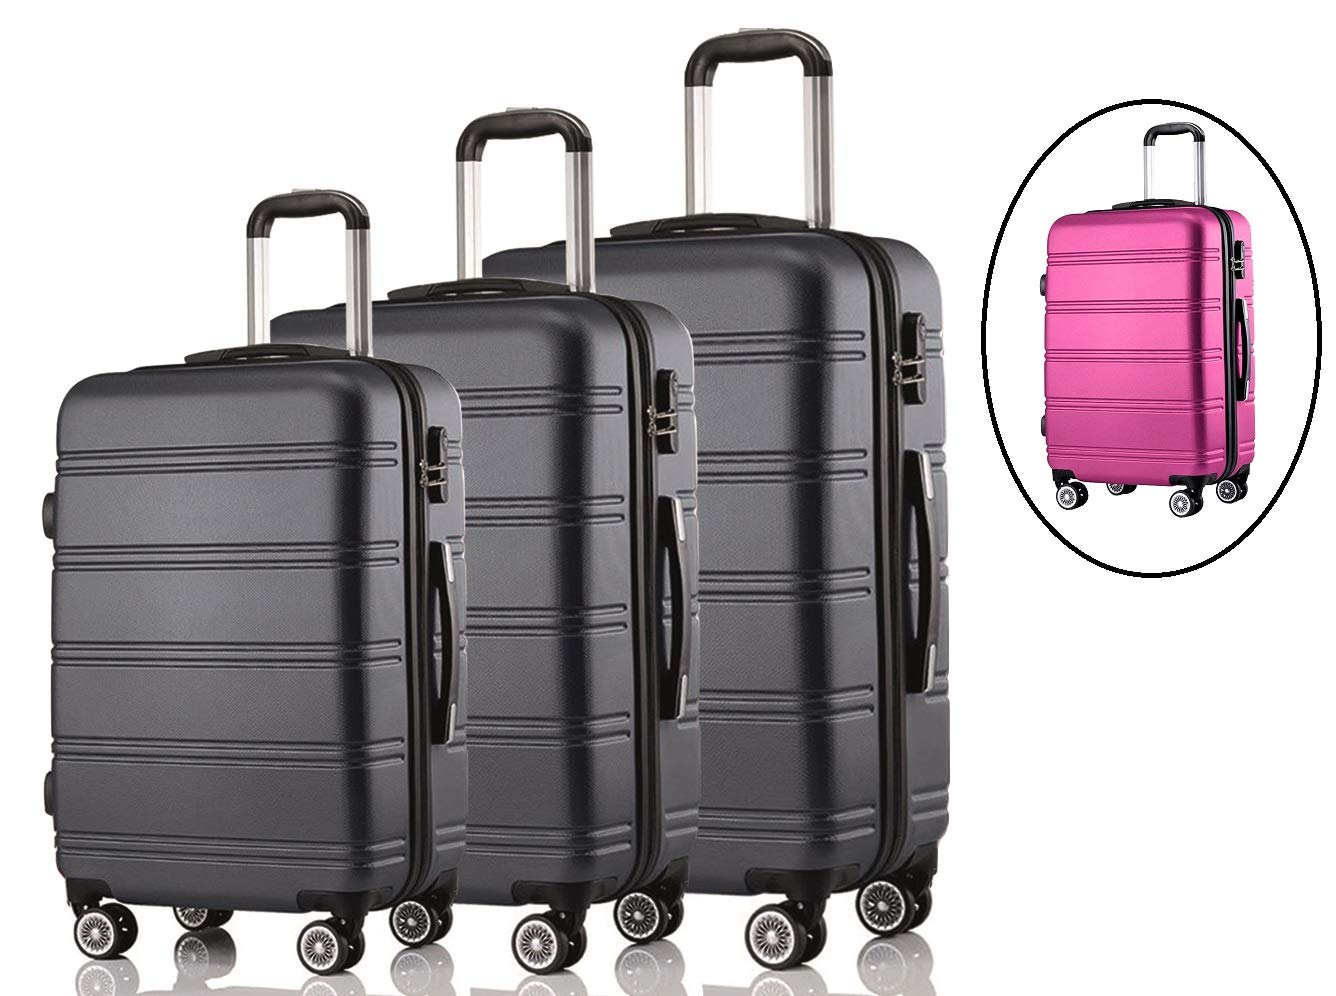 3-teiliges-Premium-Koffer-SetReisegepck-SetHartschalenkoffer-Set